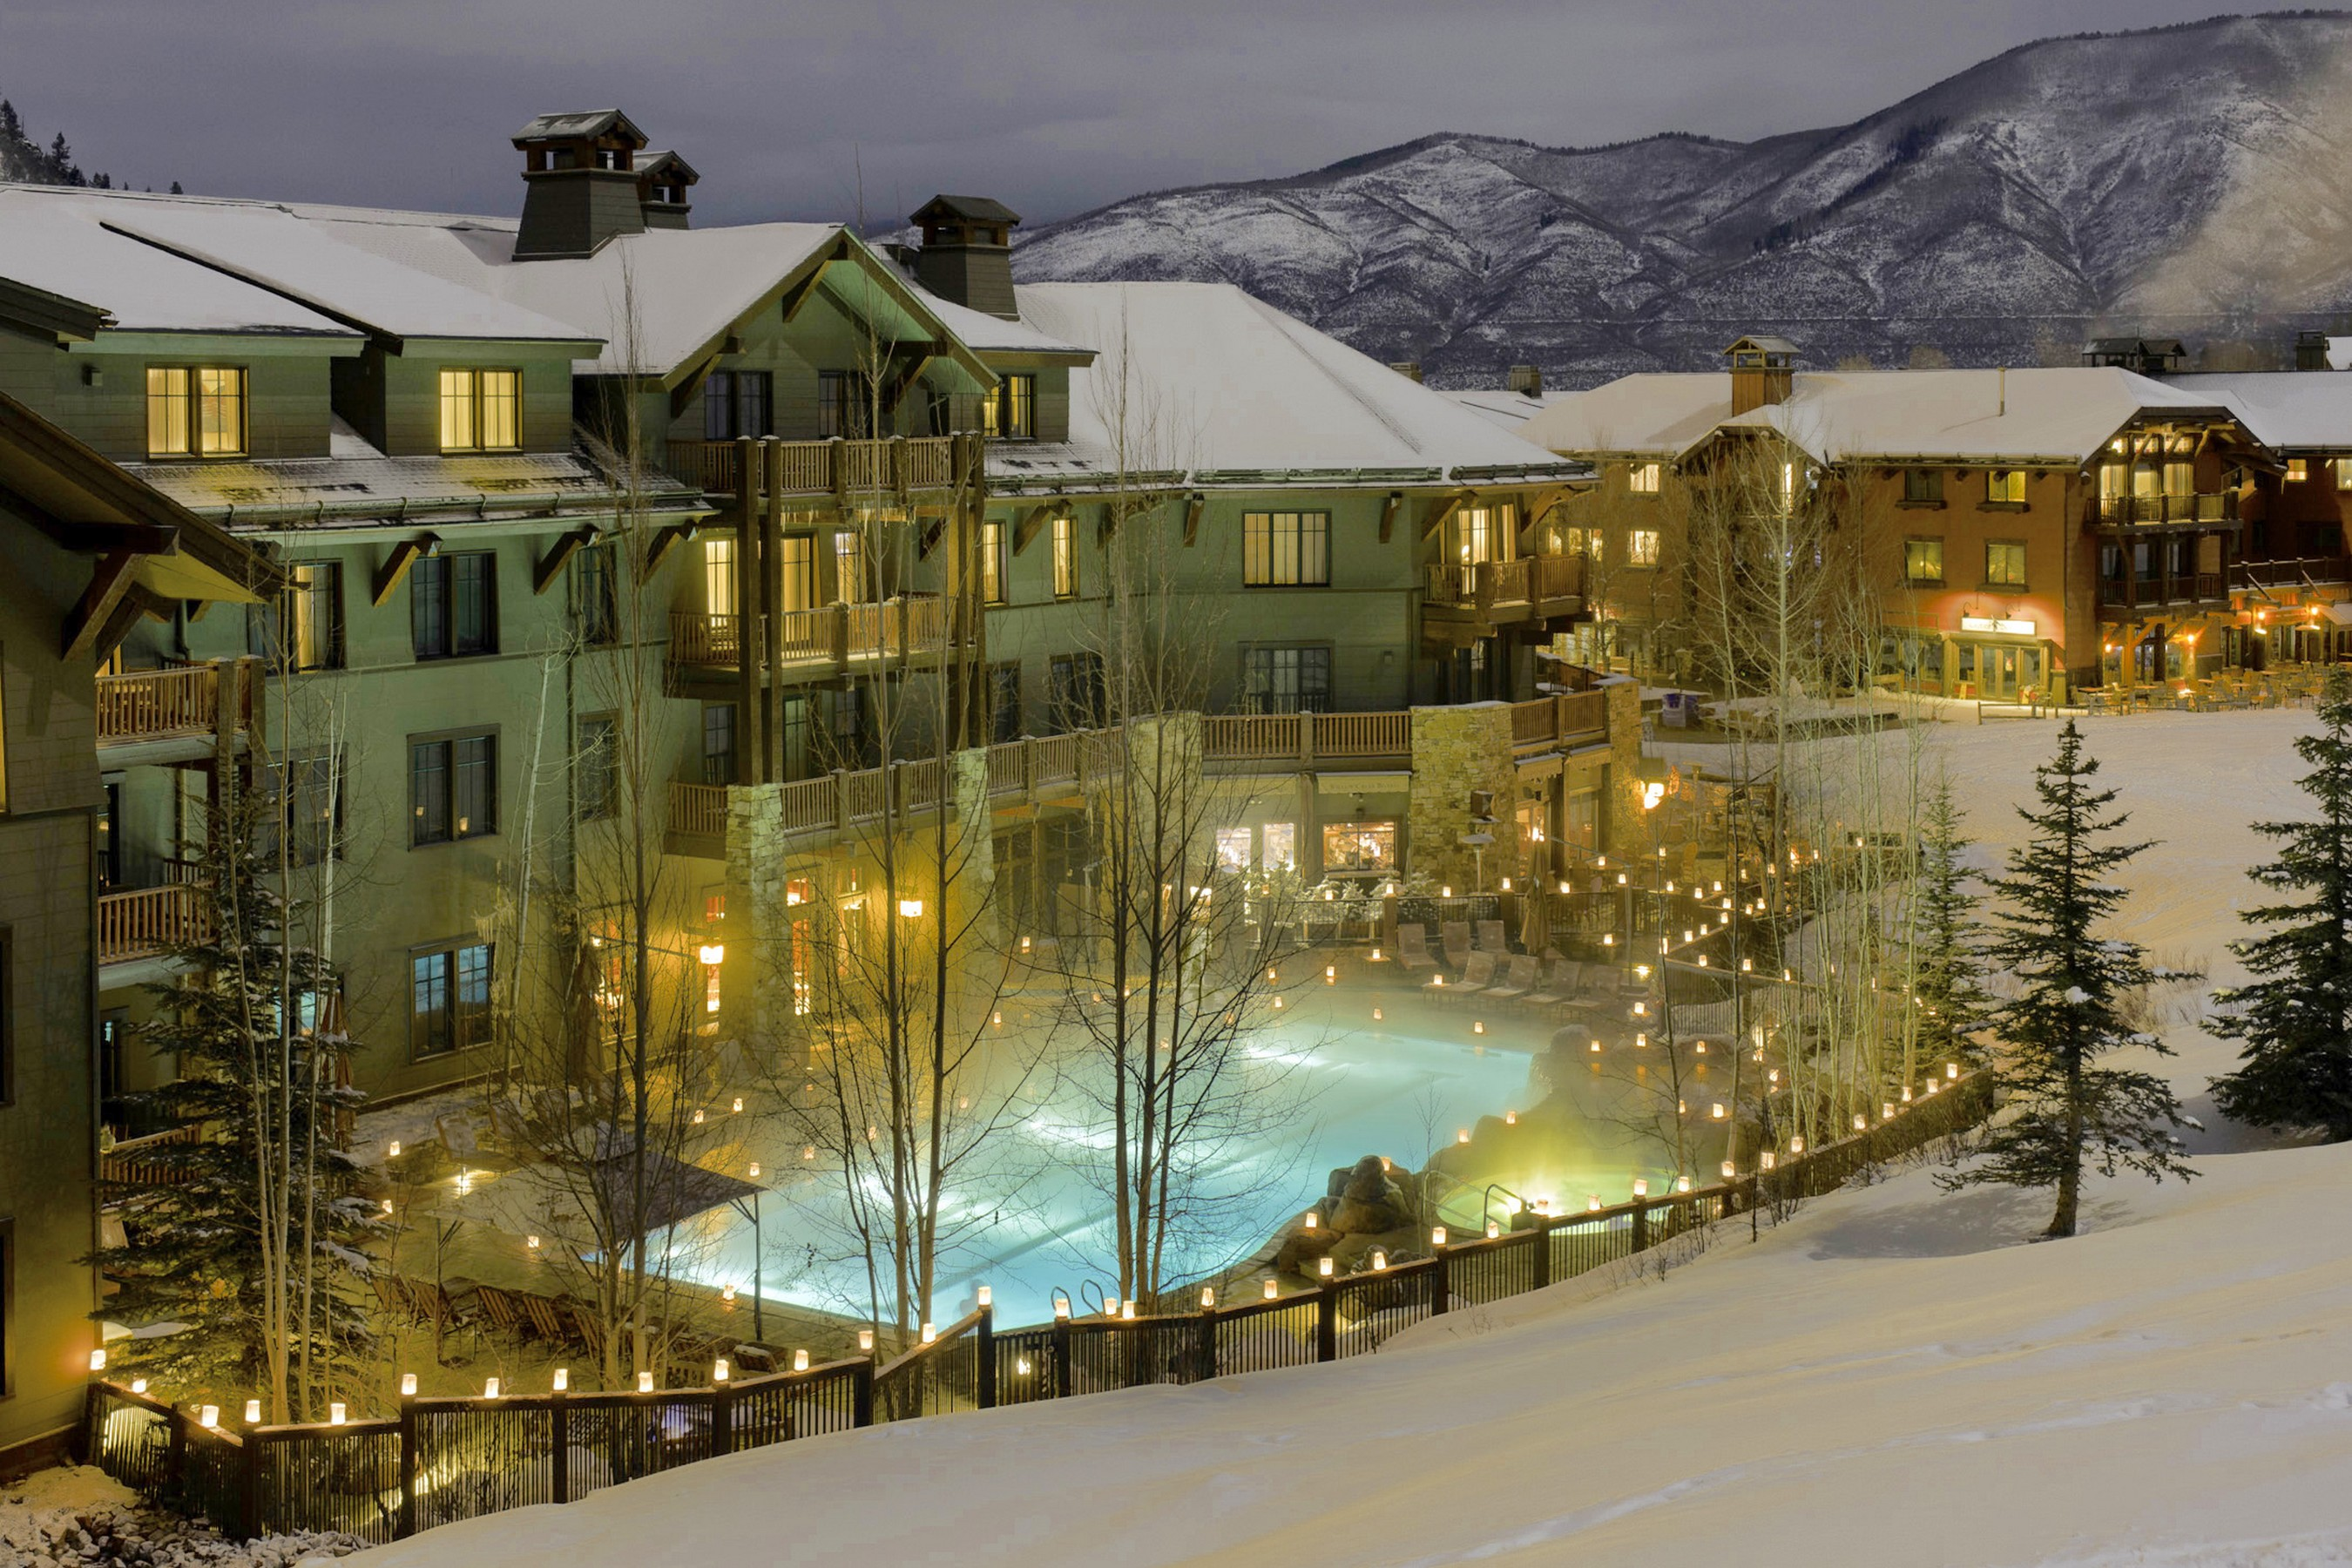 部分所有權 為 出售 在 Ritz-Carlton Club Aspen Highlands Fractional Condo Interest 0075 Prospector Road, 8206, Interest 6, Ritz-Carlton Club Aspen, 科羅拉多州, 81611 美國